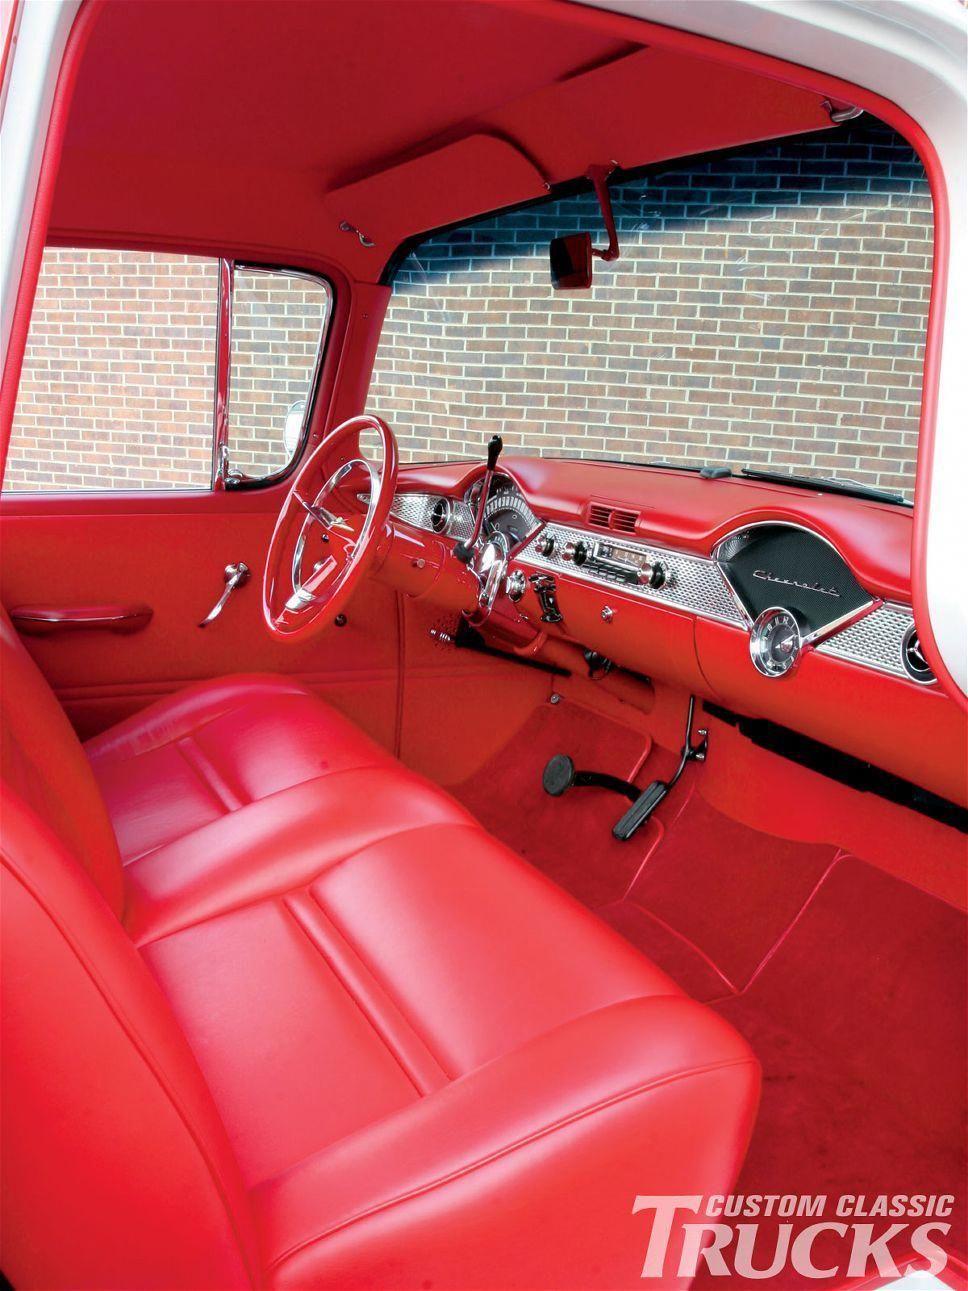 How Interior Design Truck interior